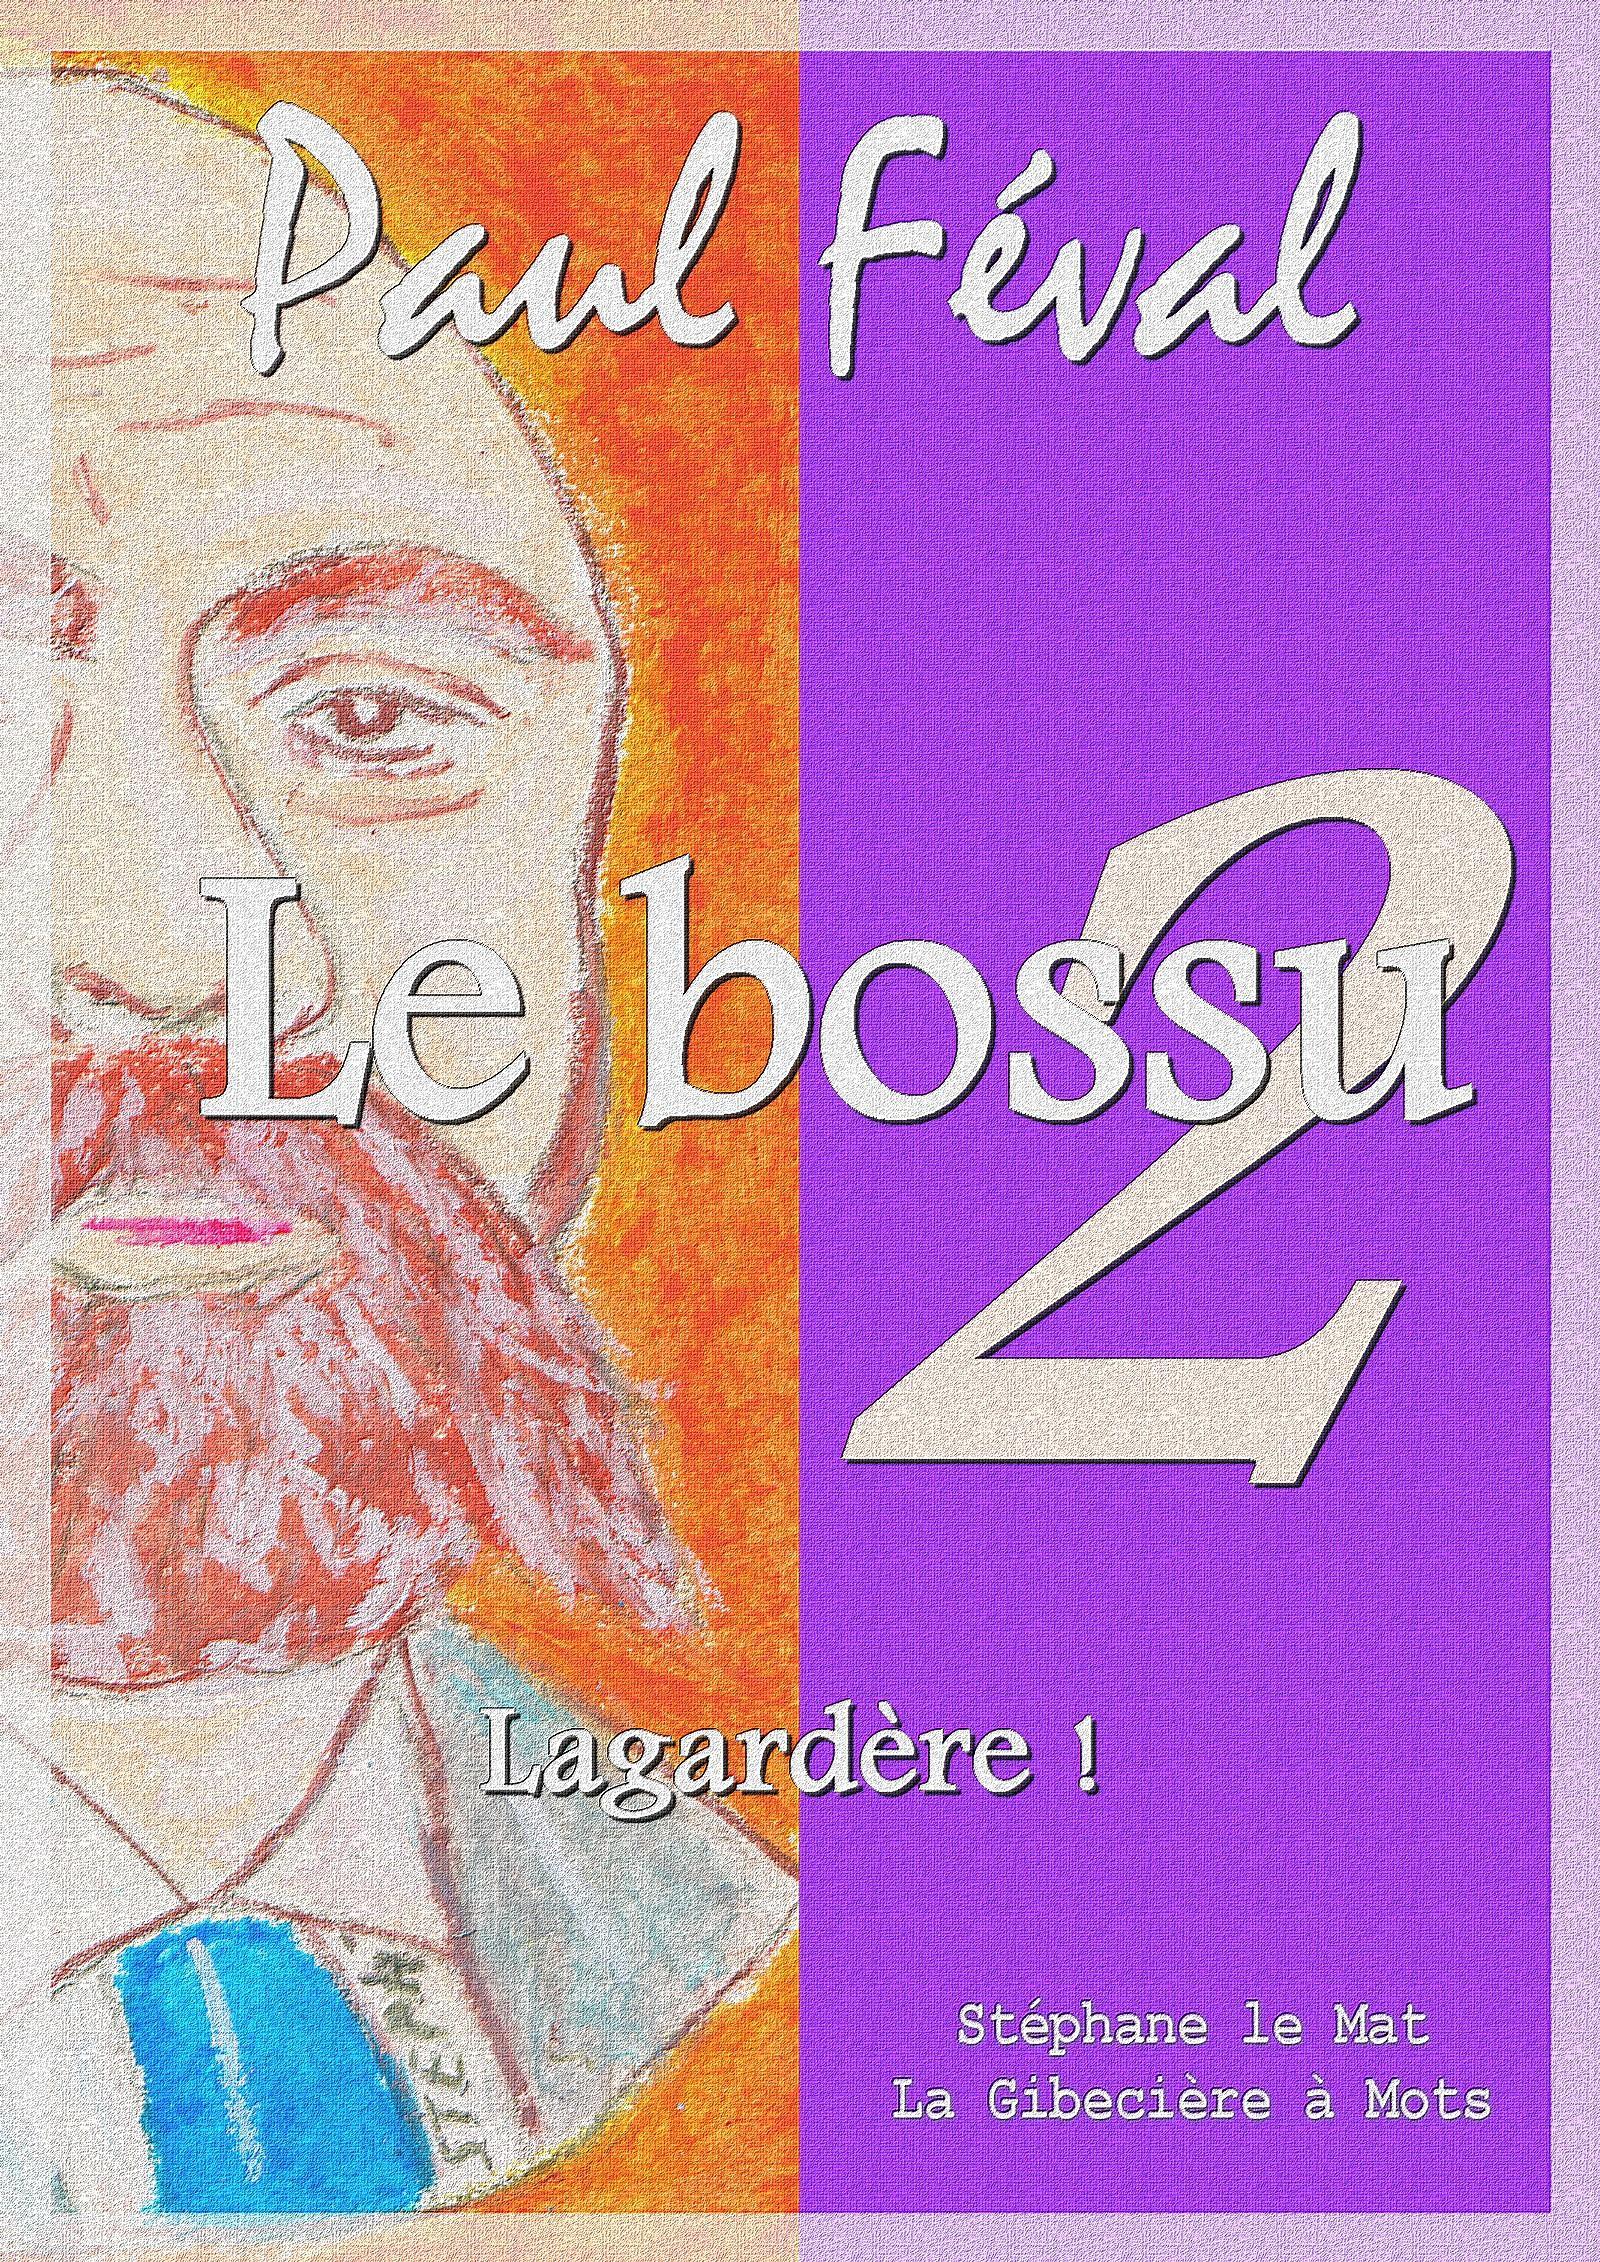 Le bossu - Lagardère !, TOME II